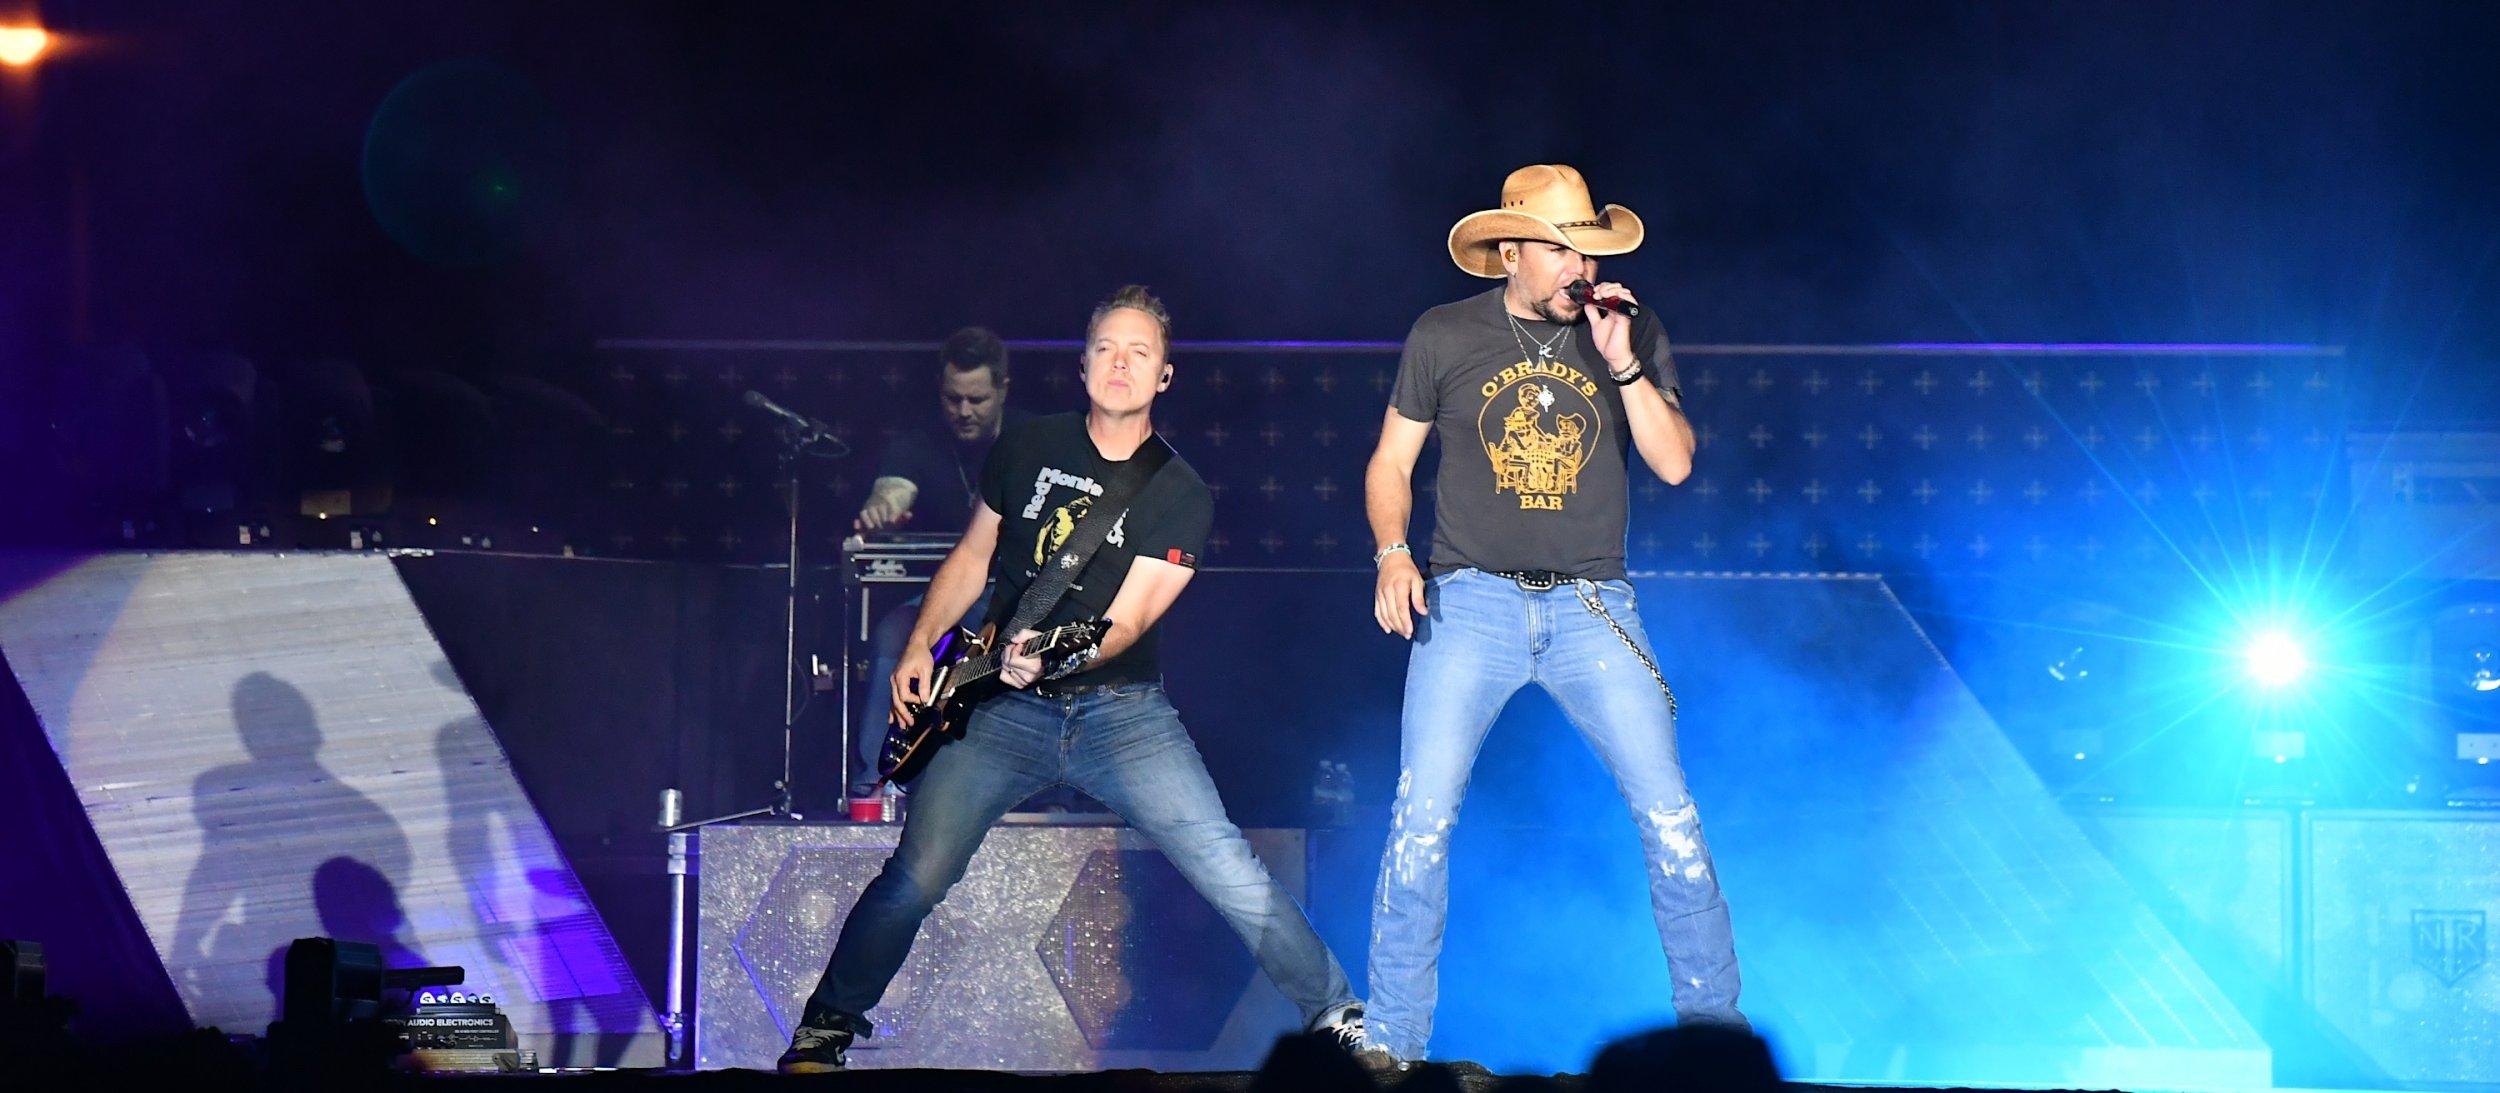 Jason Aldean performs at Route 91 festival in Las Vegas